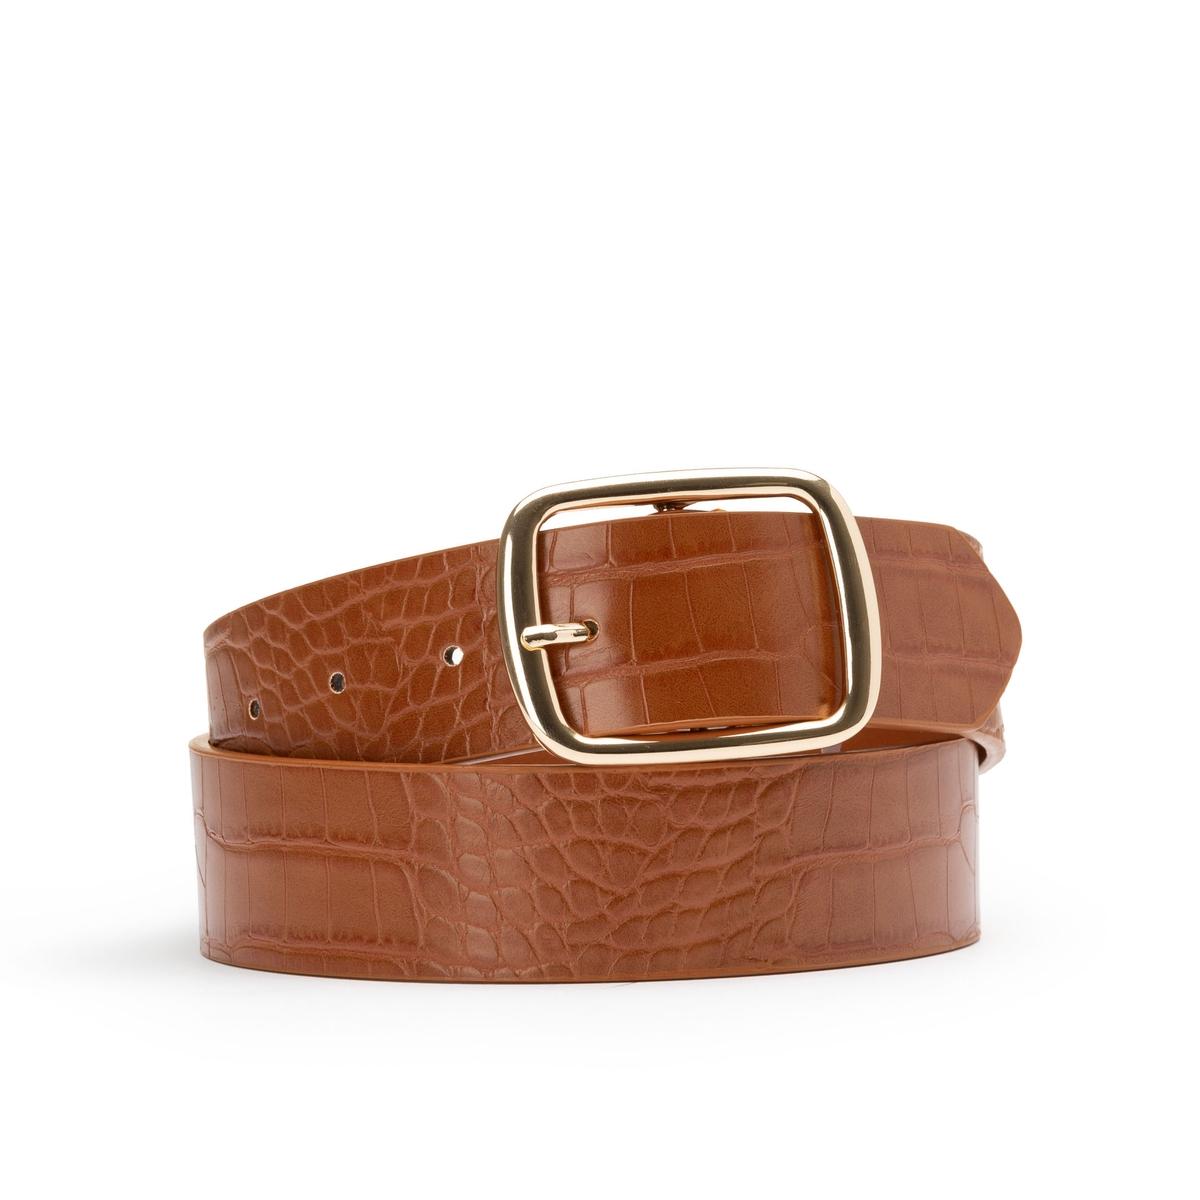 Cinturón con motivo cocodrilo y hebilla dorada